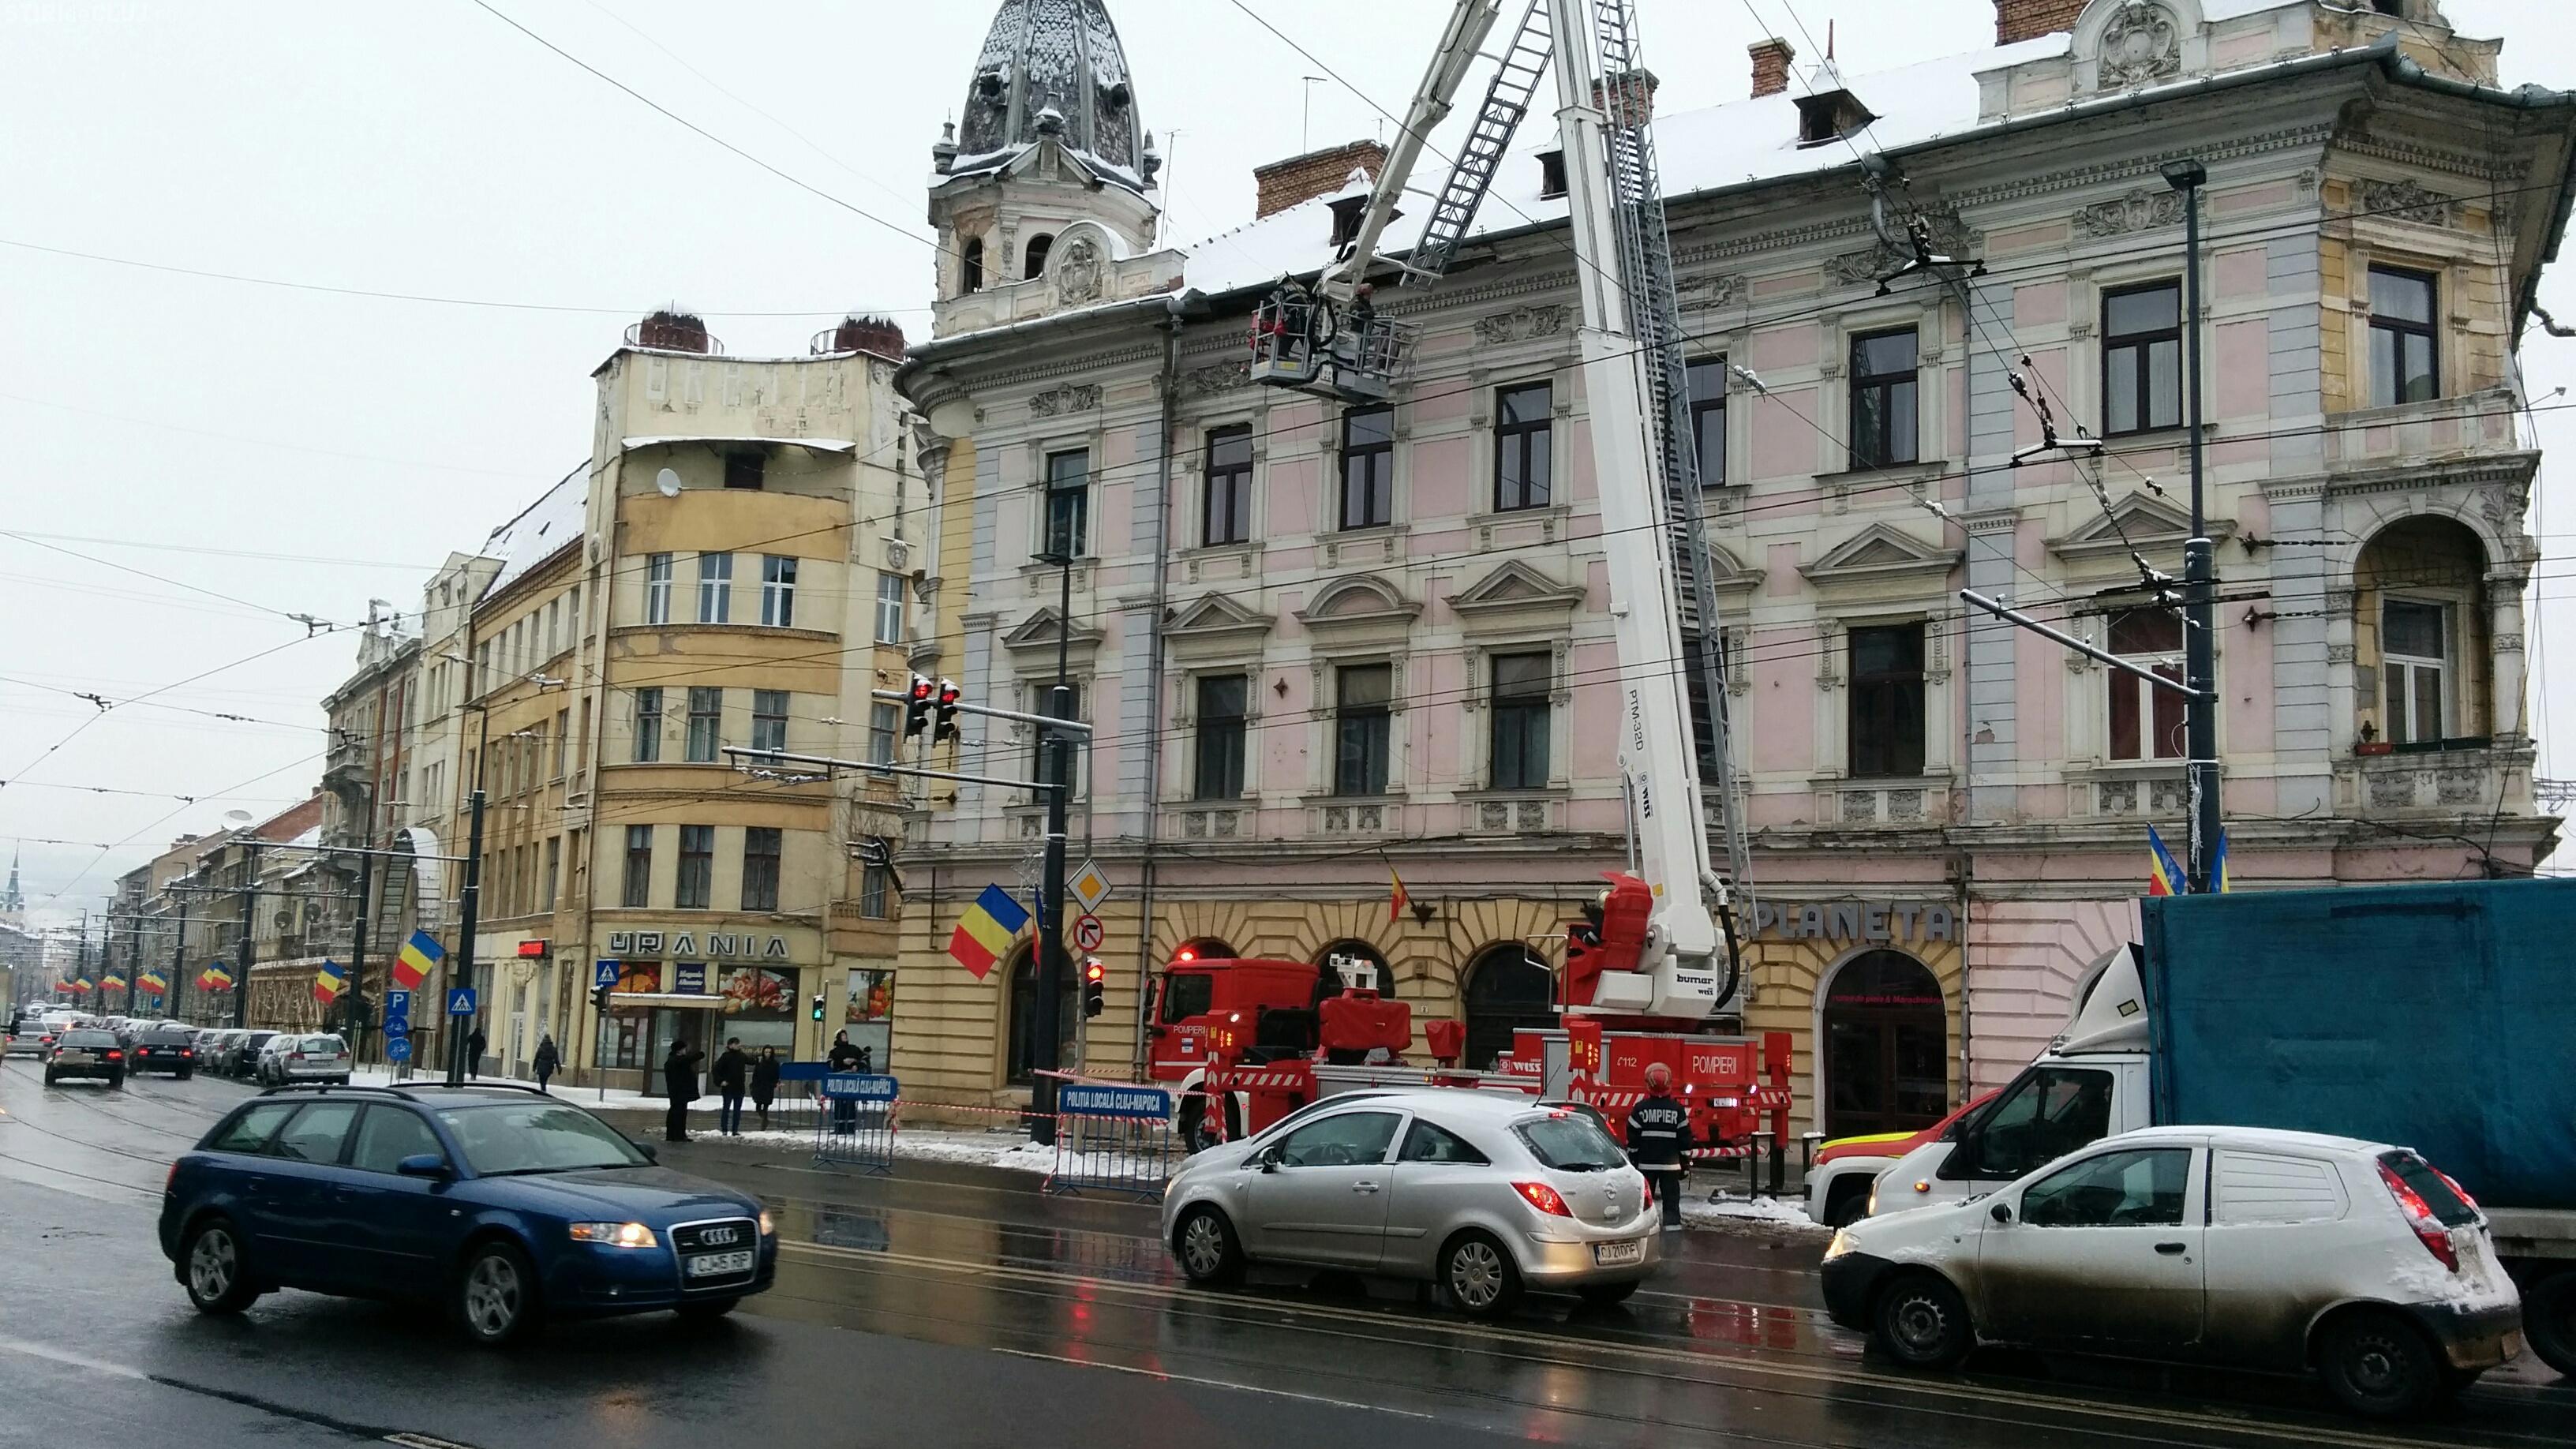 Clădirile vechi pun din nou viața trecătorilor în pericol. Pompierii au fost solicitați să intervină pe strada Horea